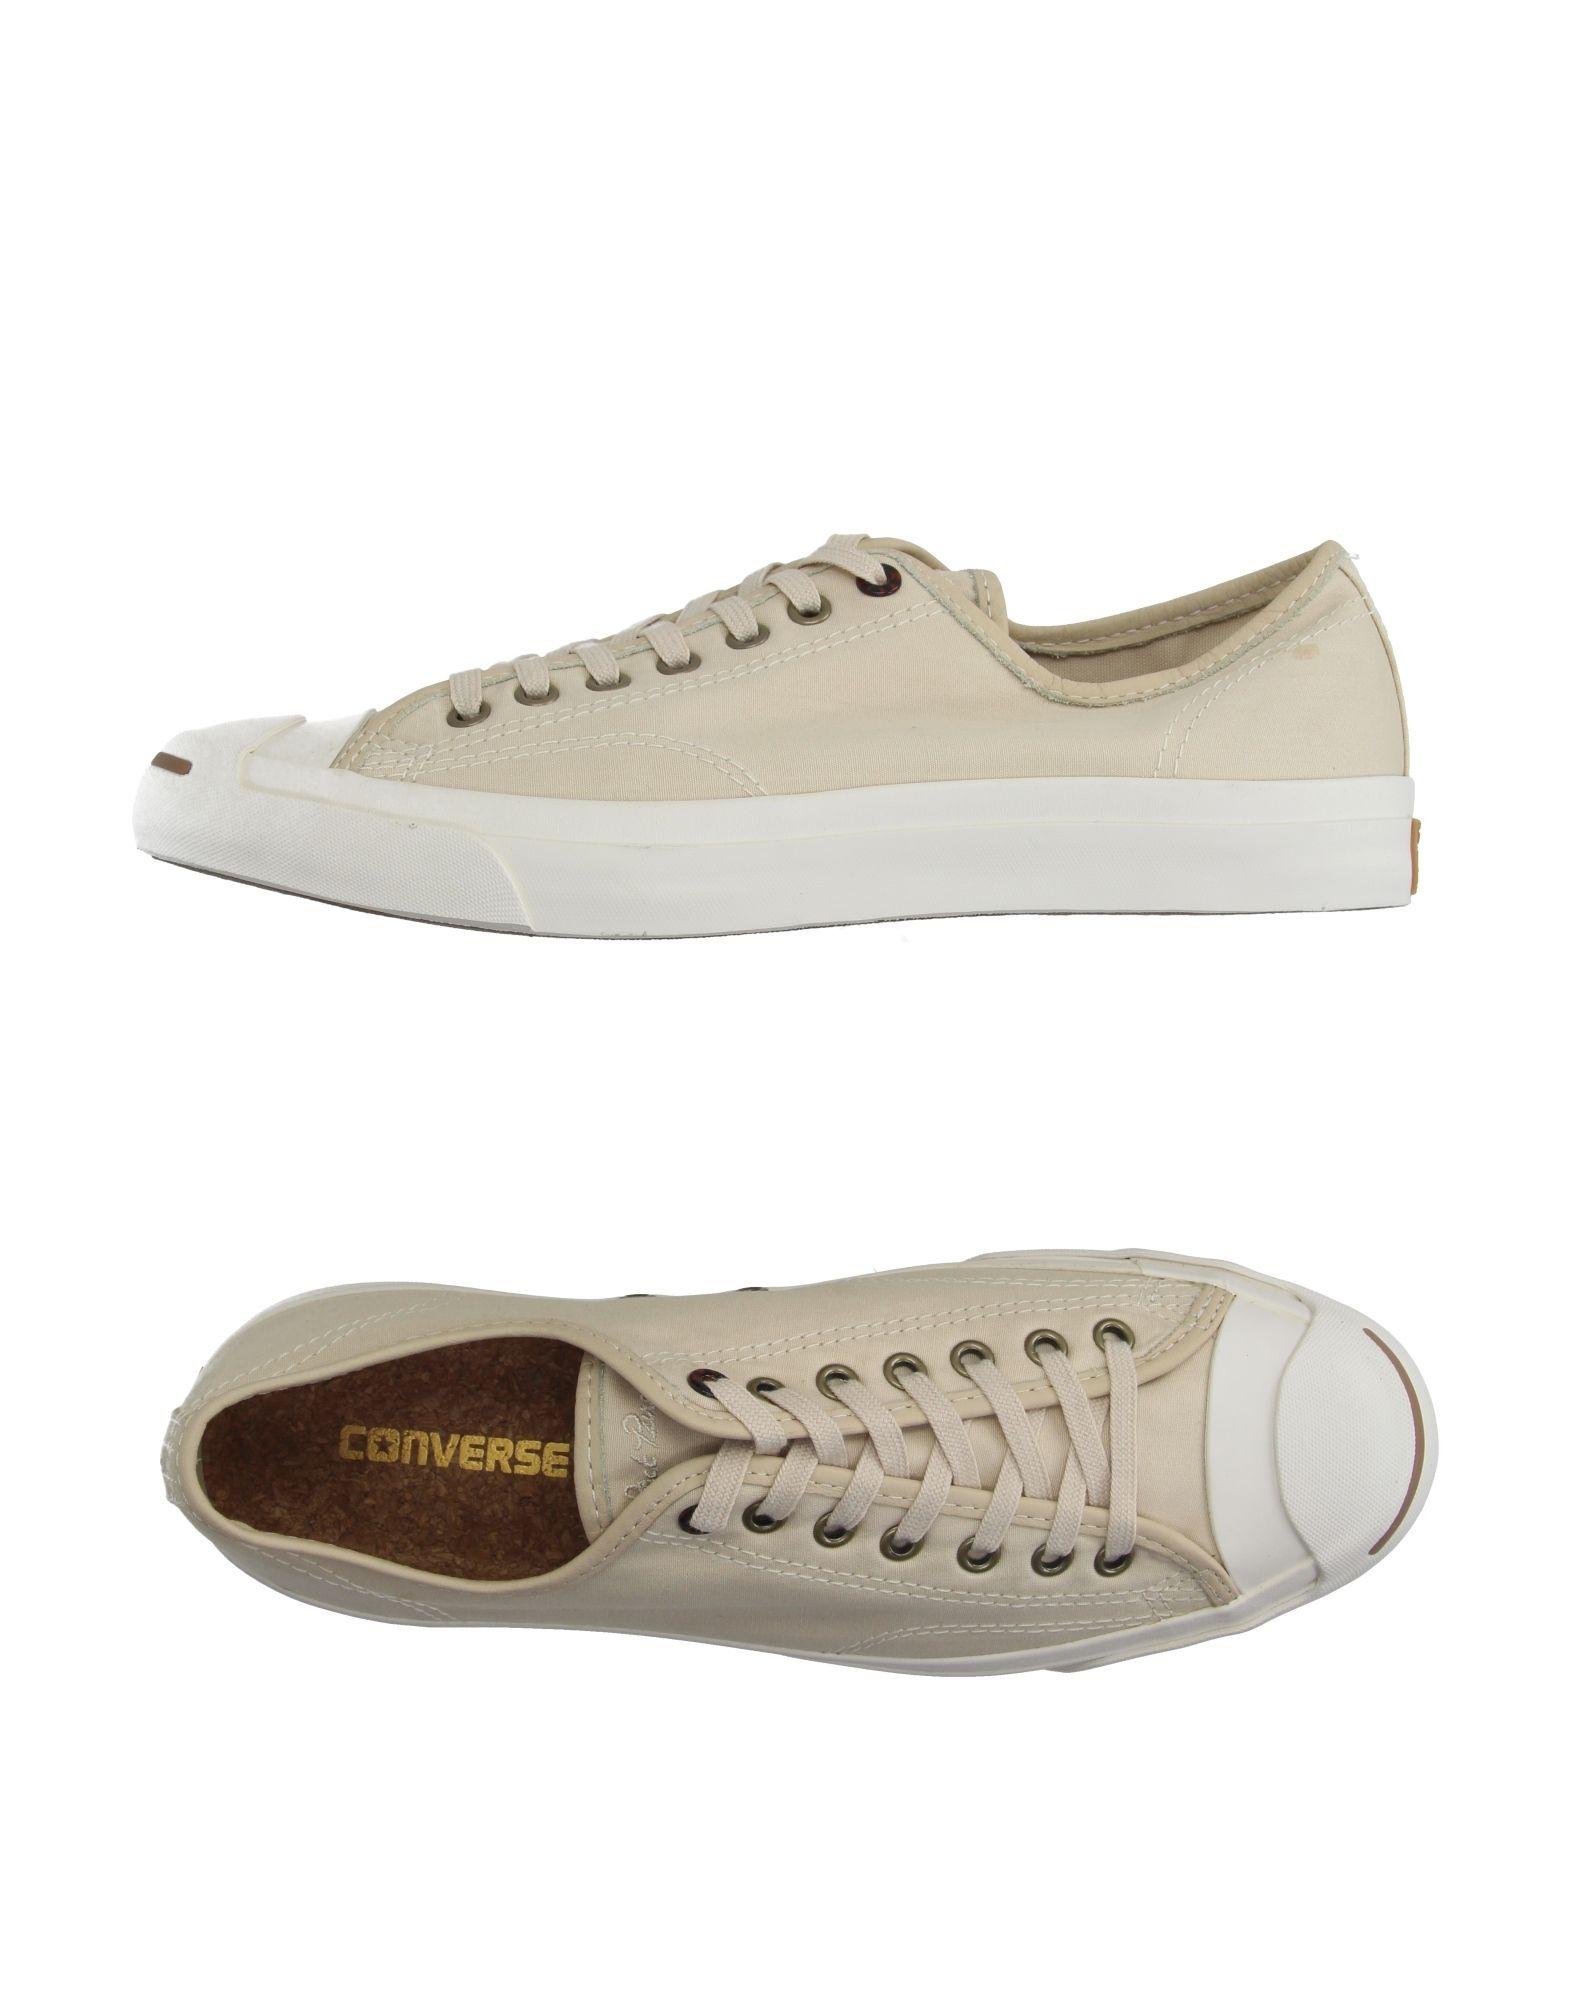 Rabatt Herren echte Schuhe Converse Sneakers Herren Rabatt  44993942JG 9deb00